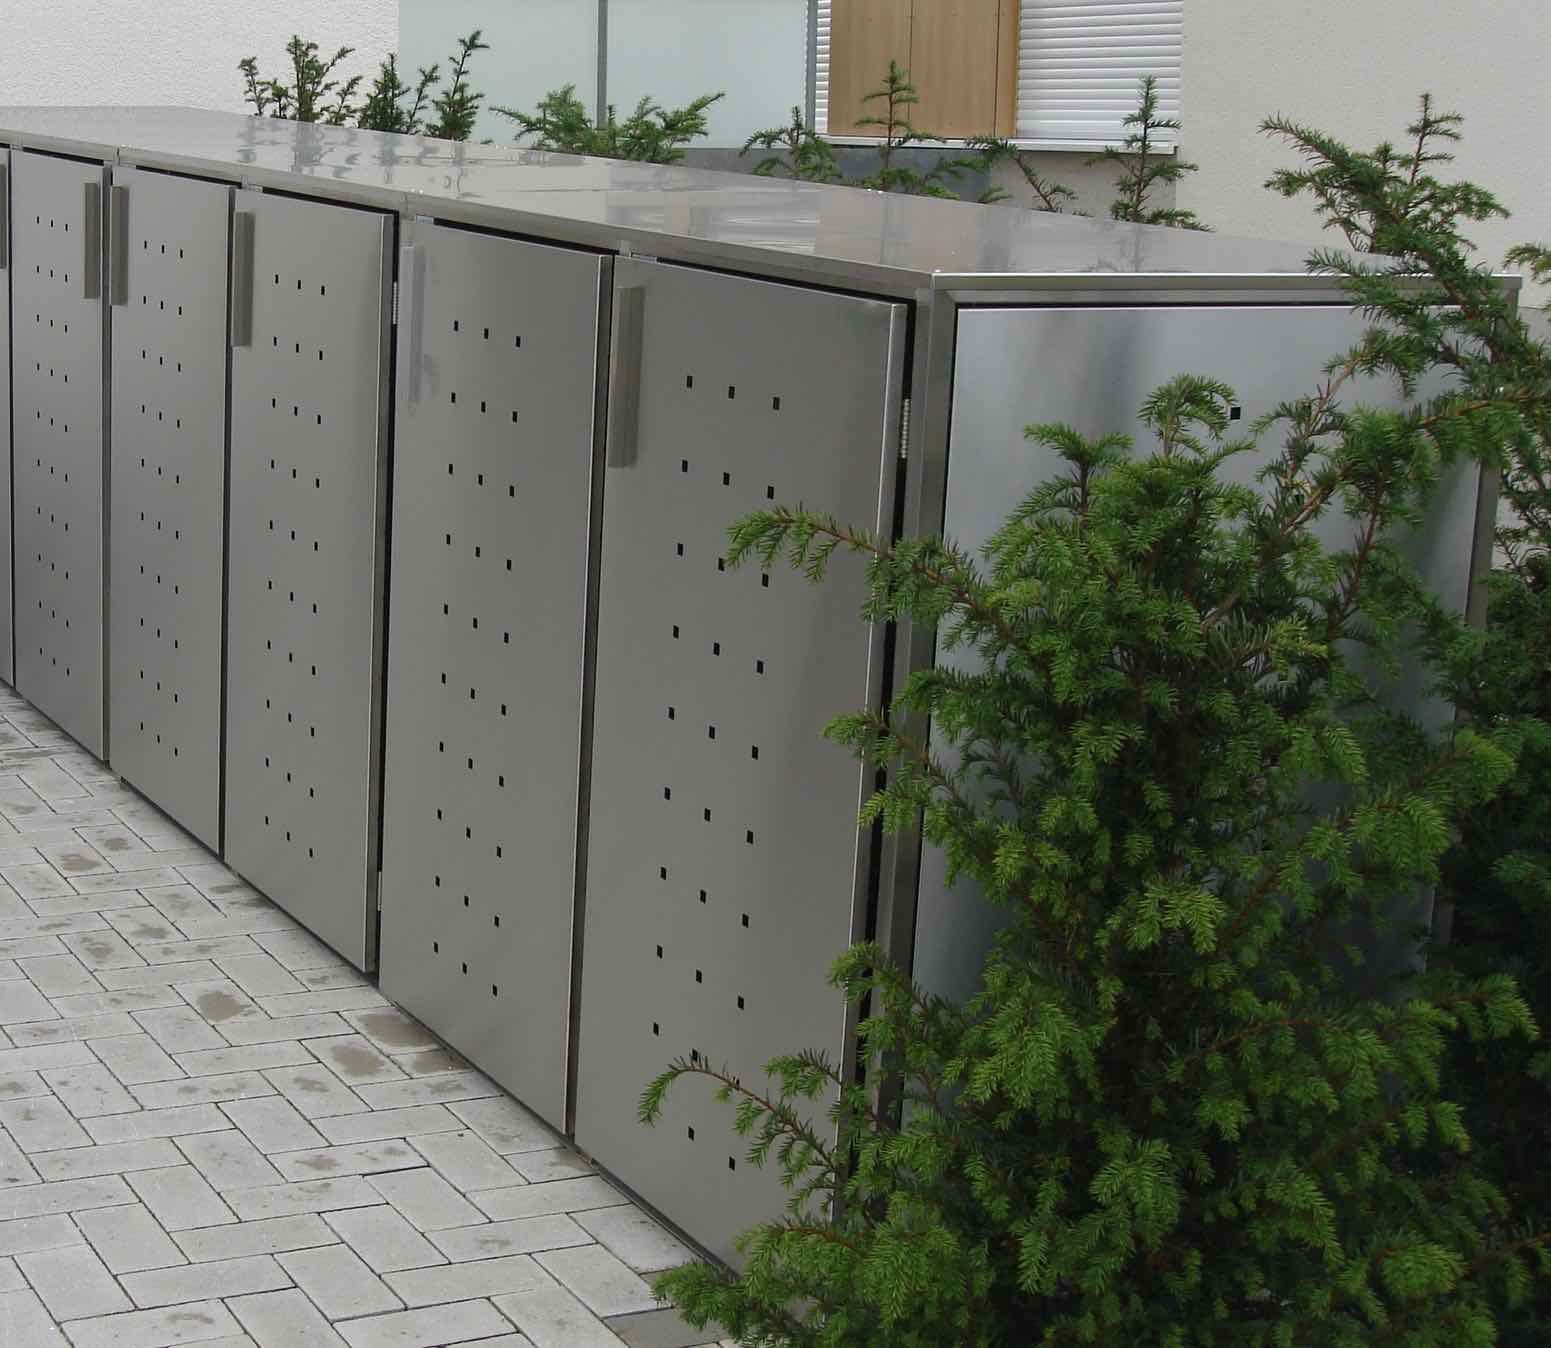 5er mülltonnenbox edelstahl für 120 liter mit flachdach und